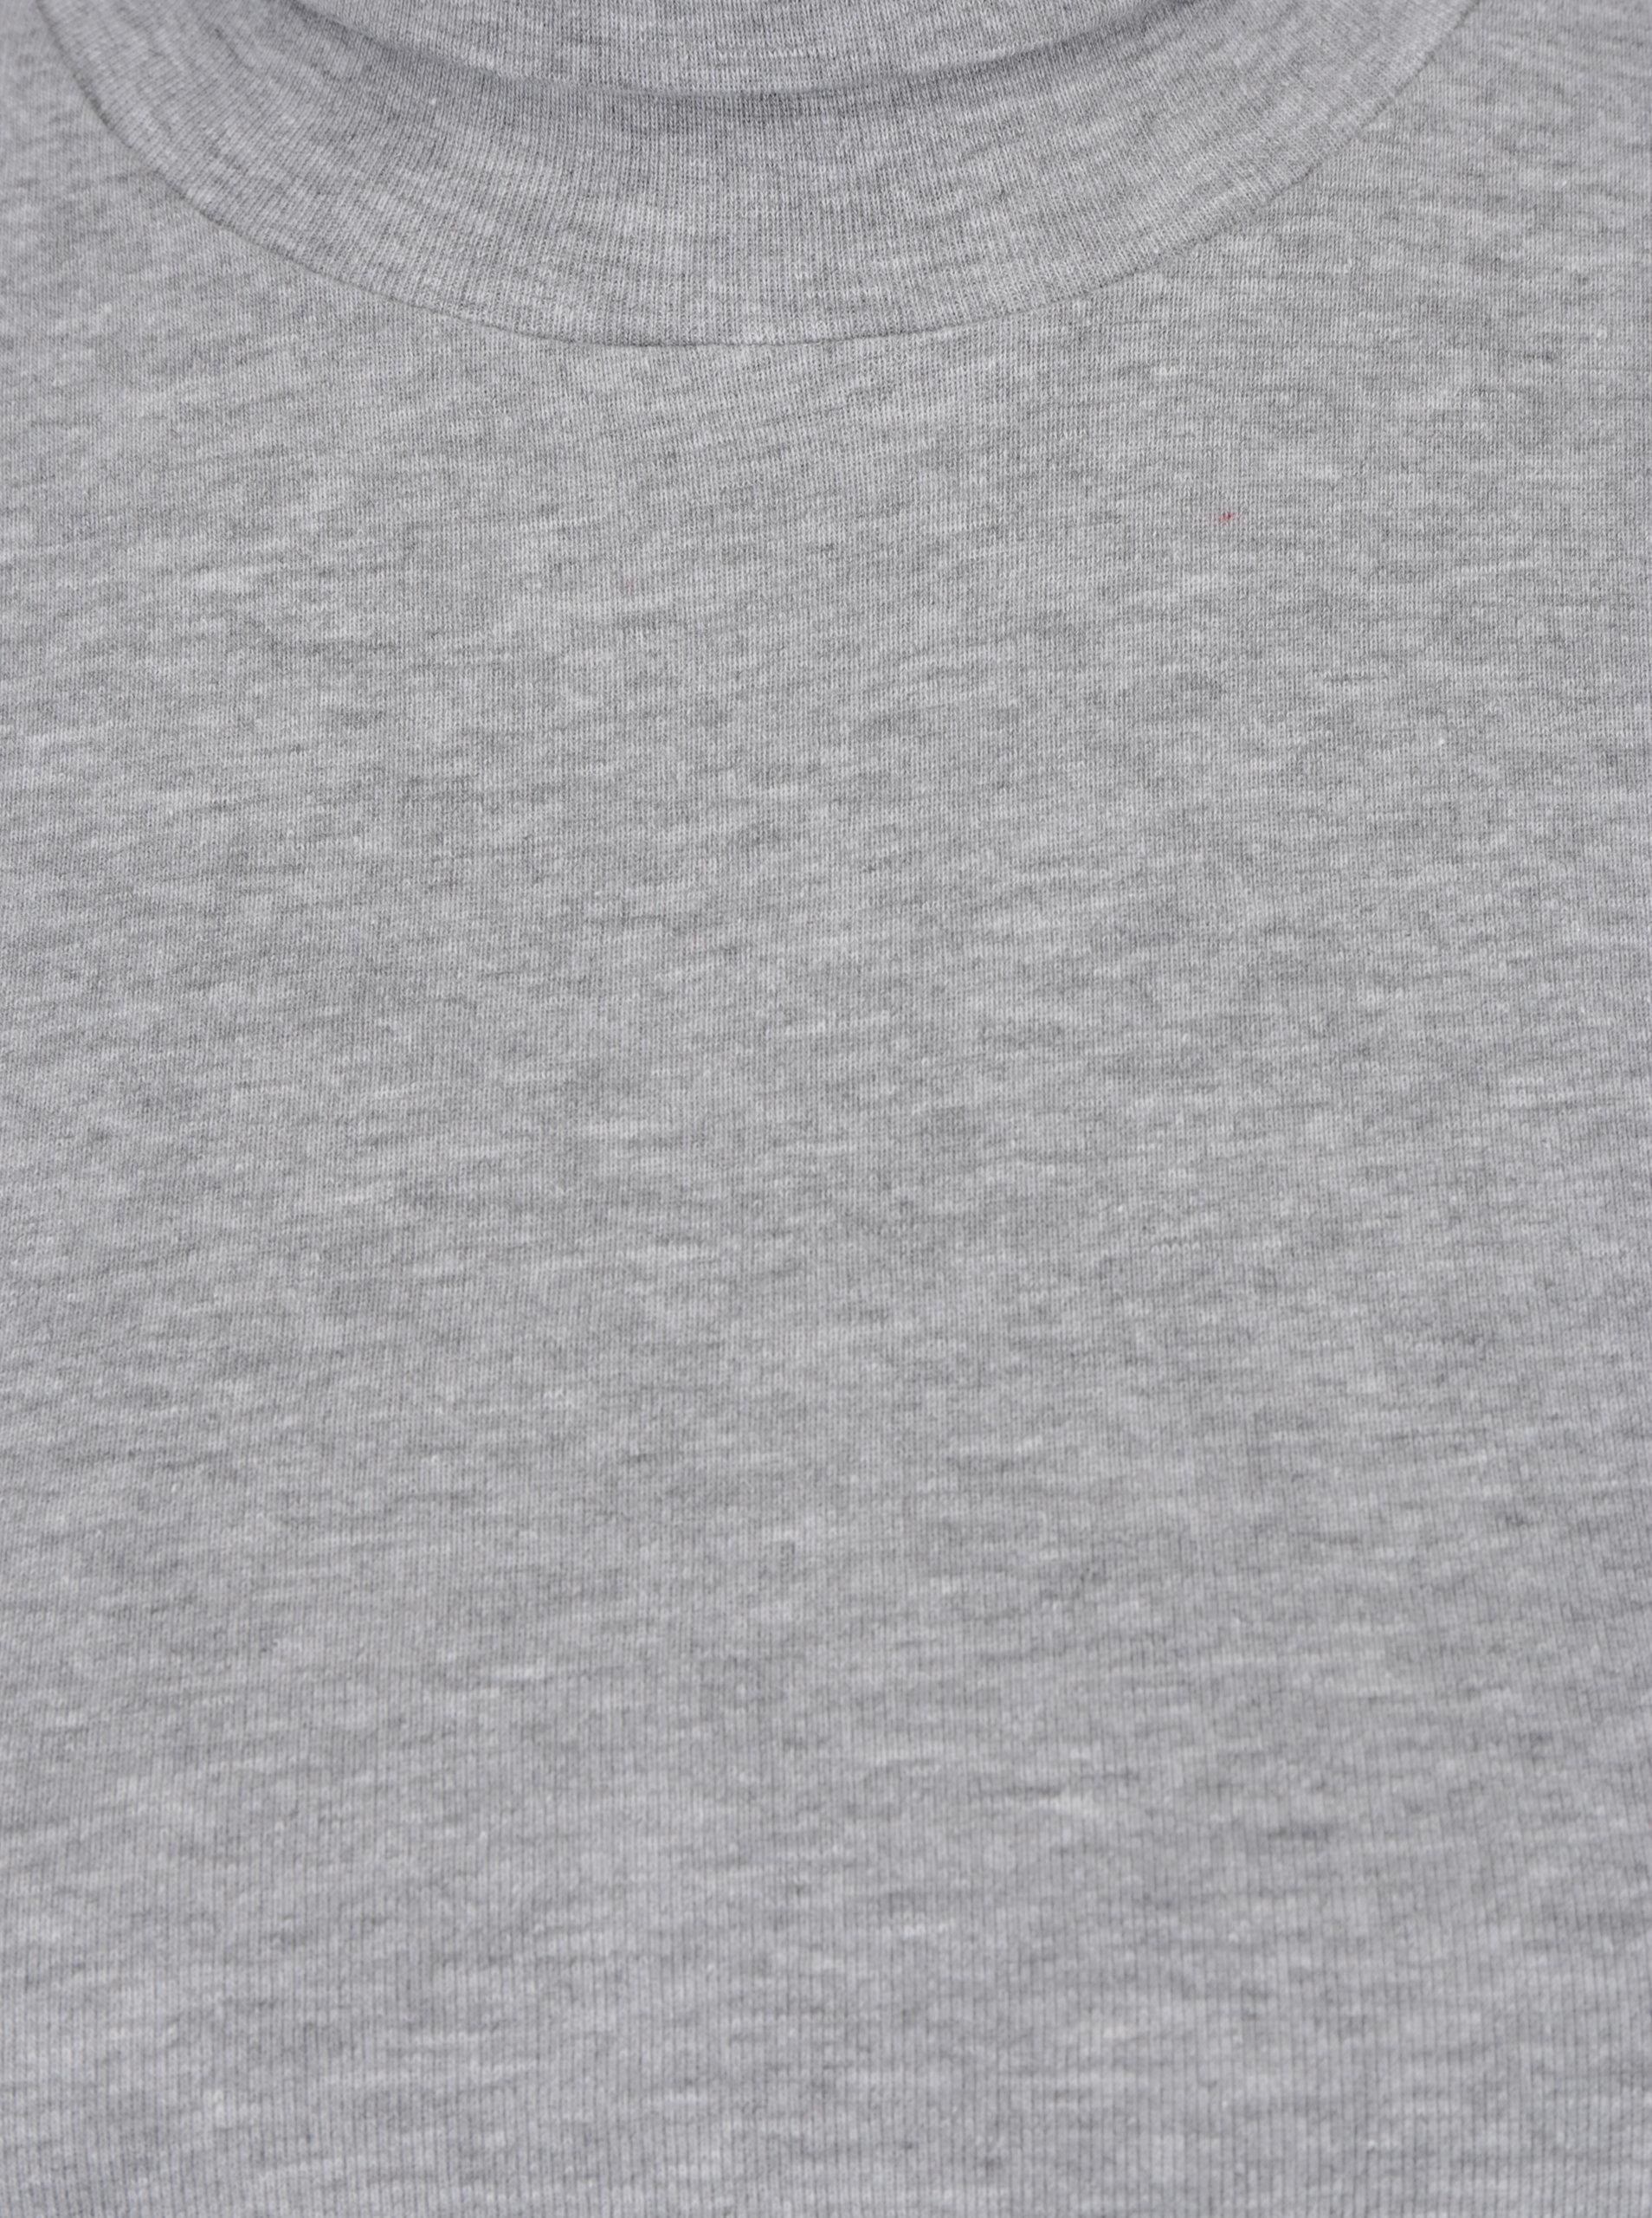 6315df9a9b06 Šedé dámské tričko s rolákem a dlouhým rukávem s.Oliver